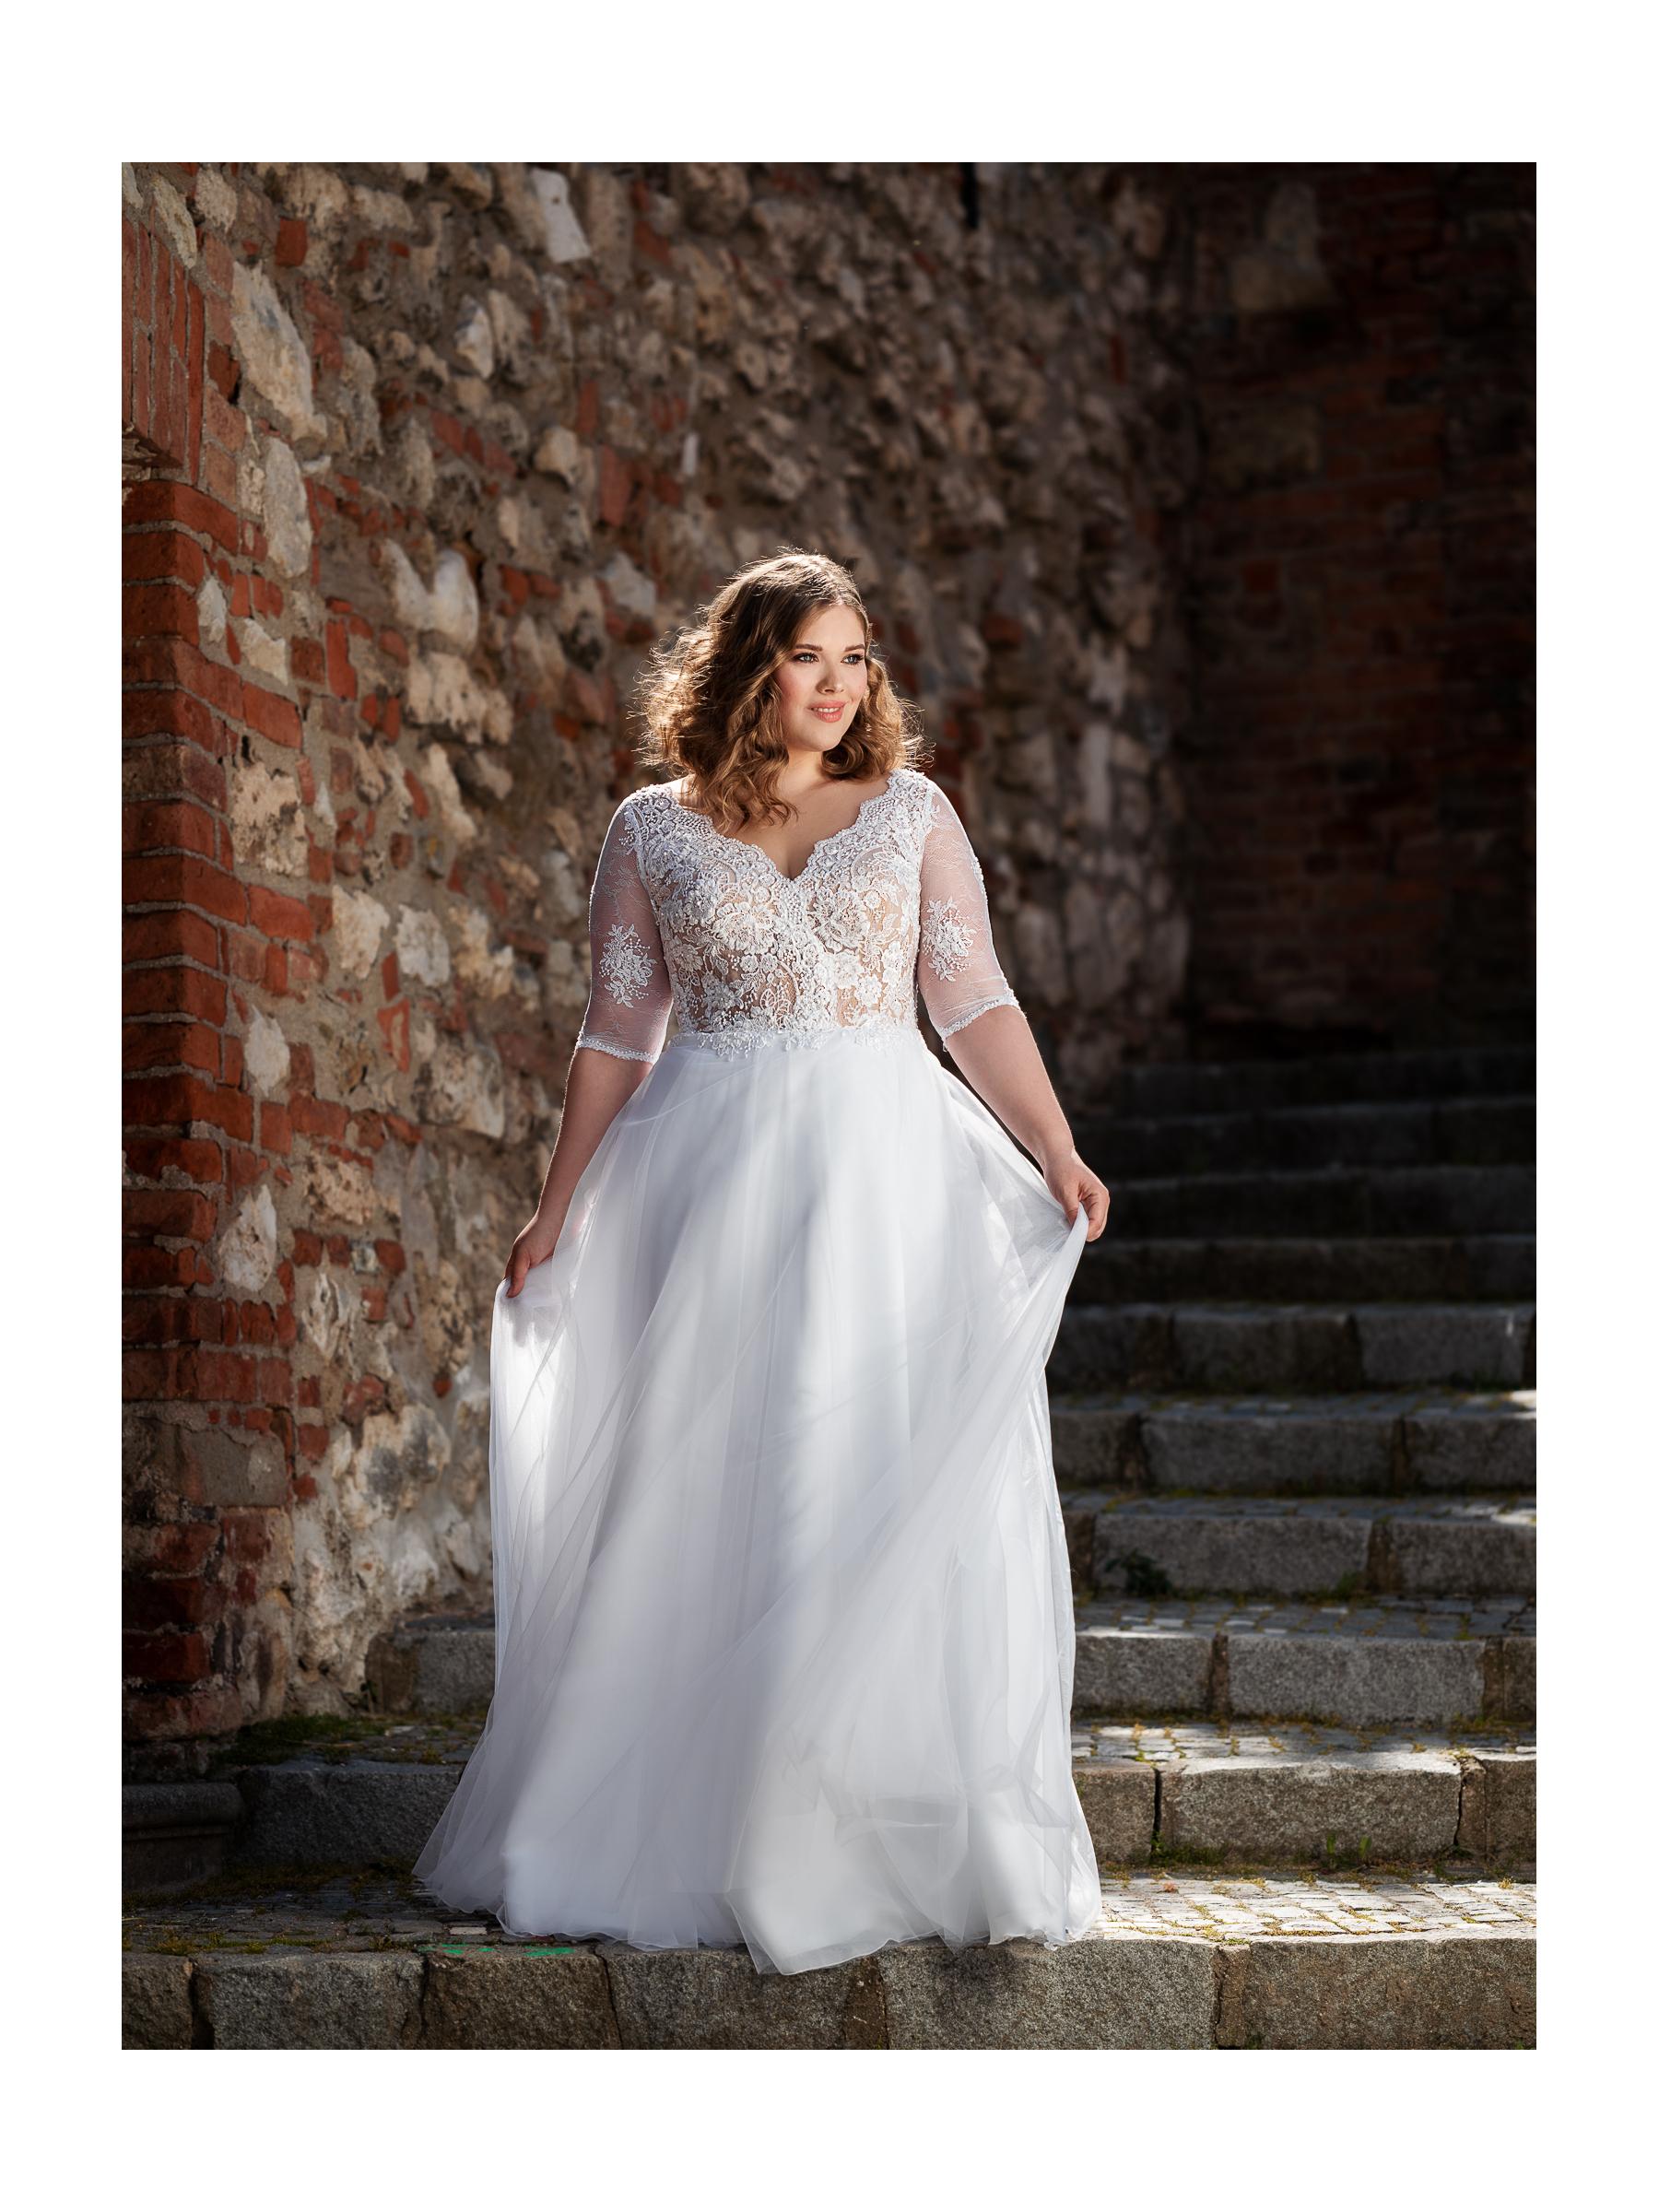 rozevláté svatební šaty s perličkami a tylovou sukní